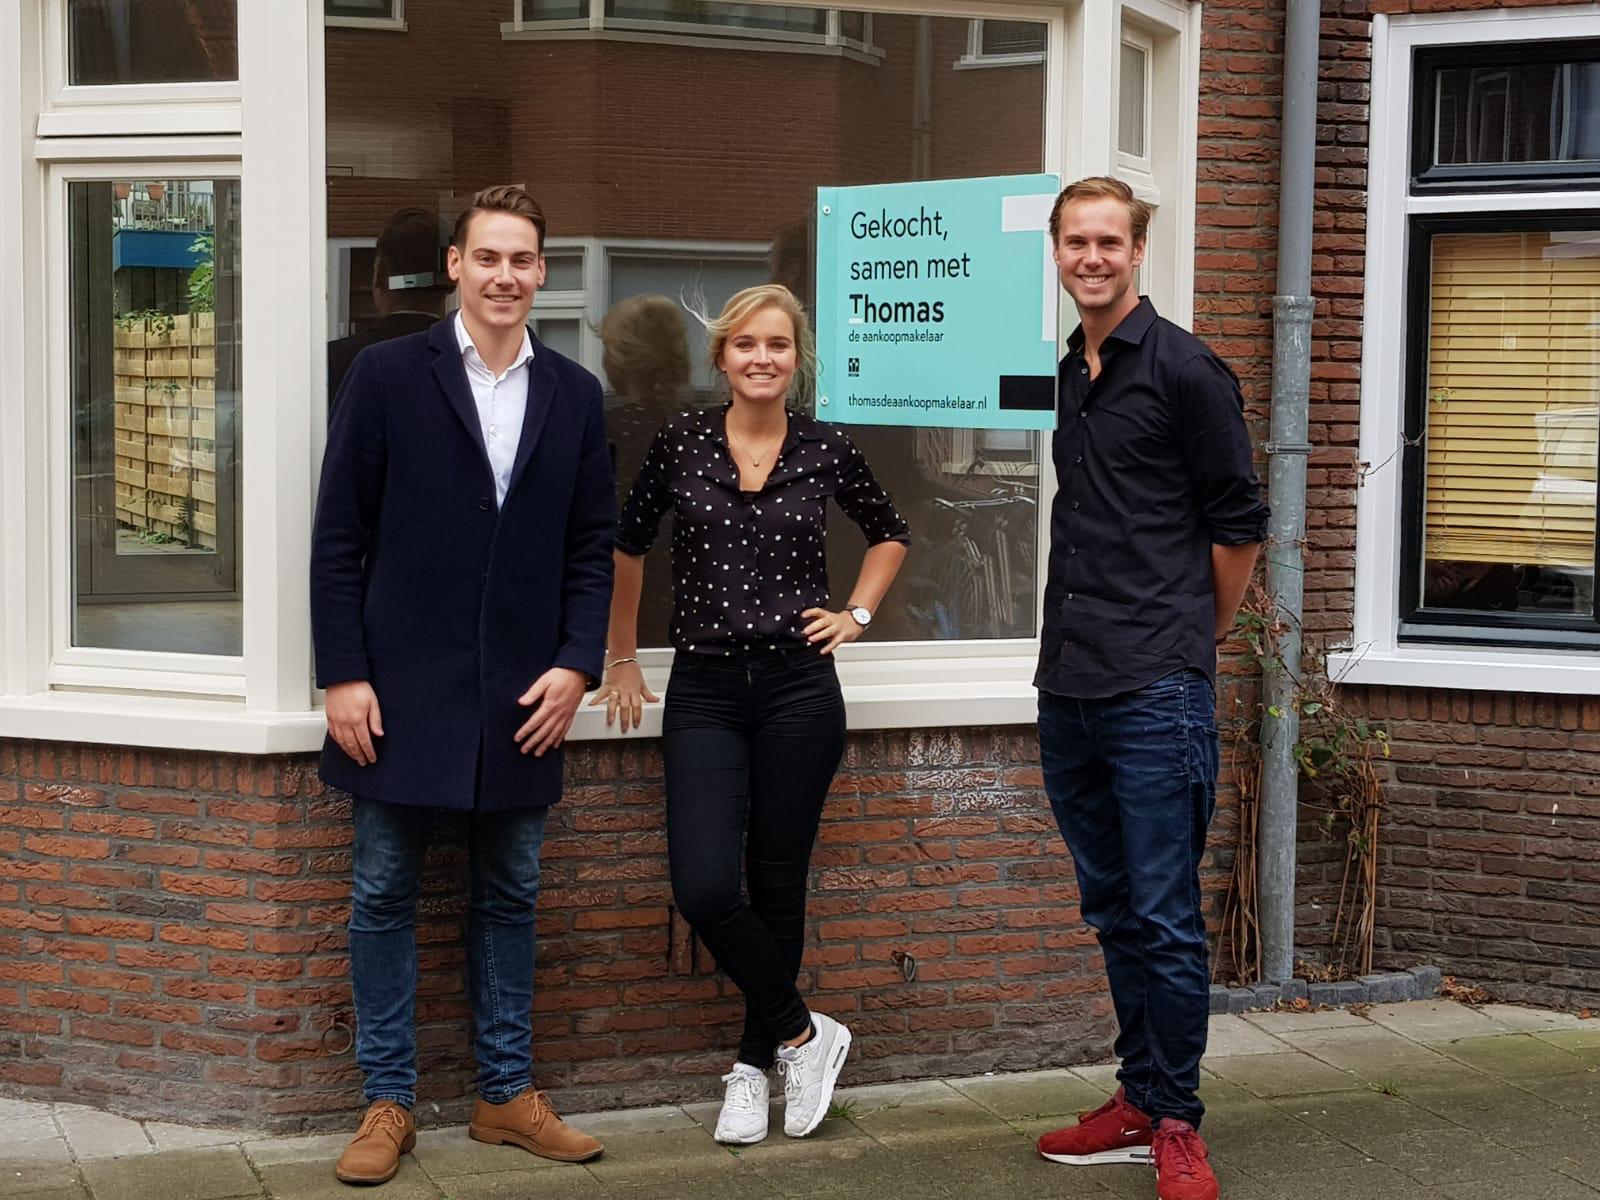 Huis in Utrecht gevonden voor Midas & Anne met Thomas de Aankoopmakelaar